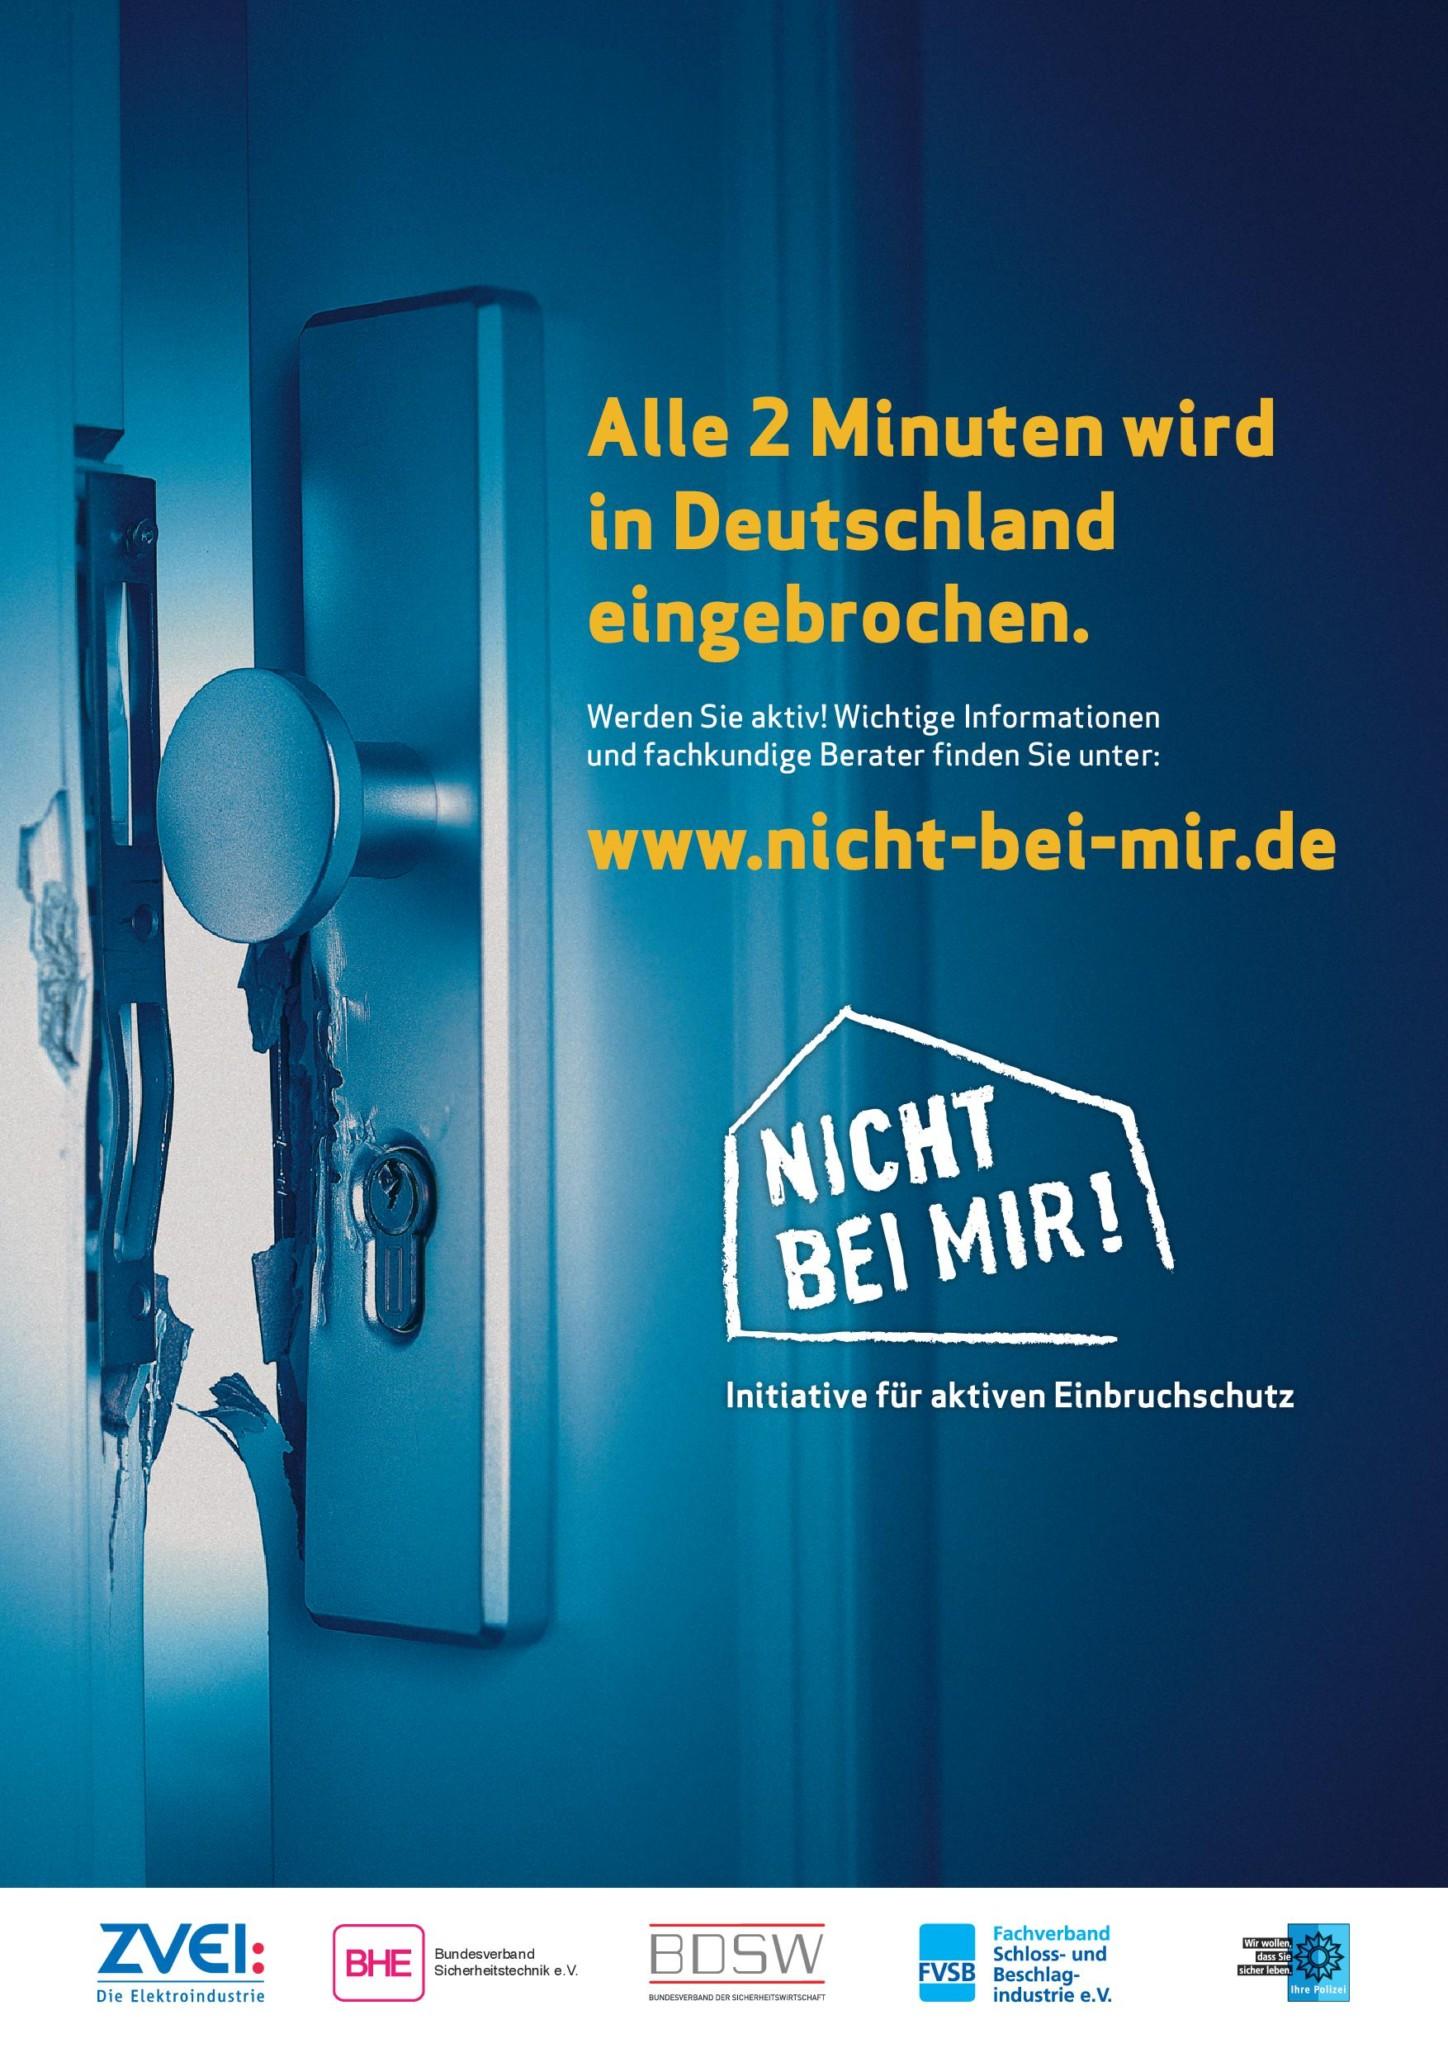 nichtbeimirplakat_130315_FINAL-001